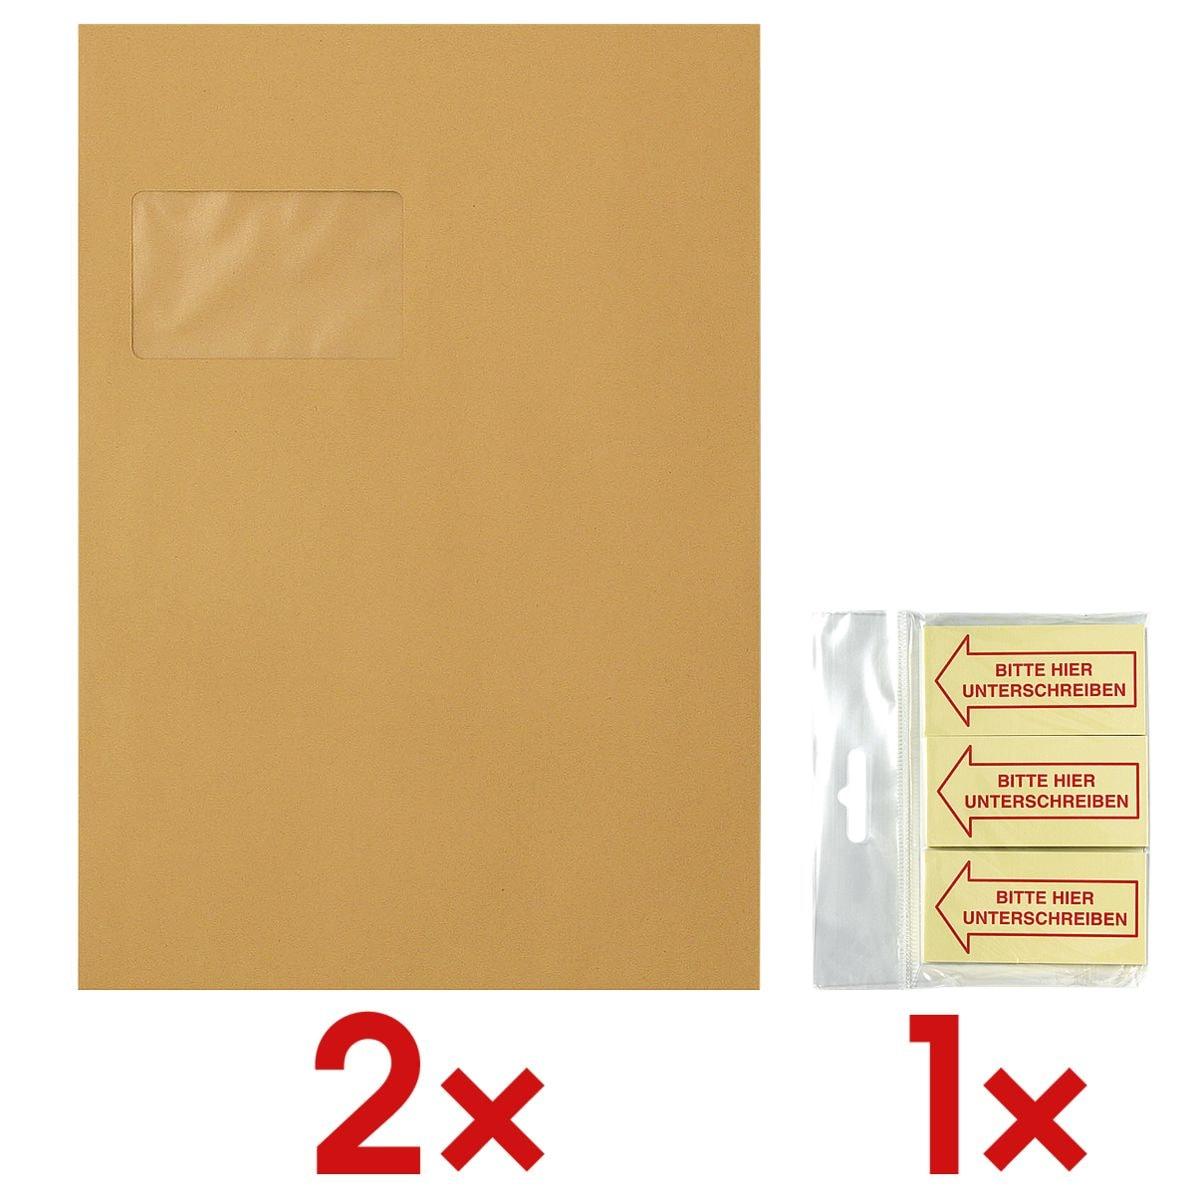 2x 250 Versandtaschen, C4 mit Fenster inkl. Haftmarker »Bitte hier Unterschreiben« 70 x 35 mm